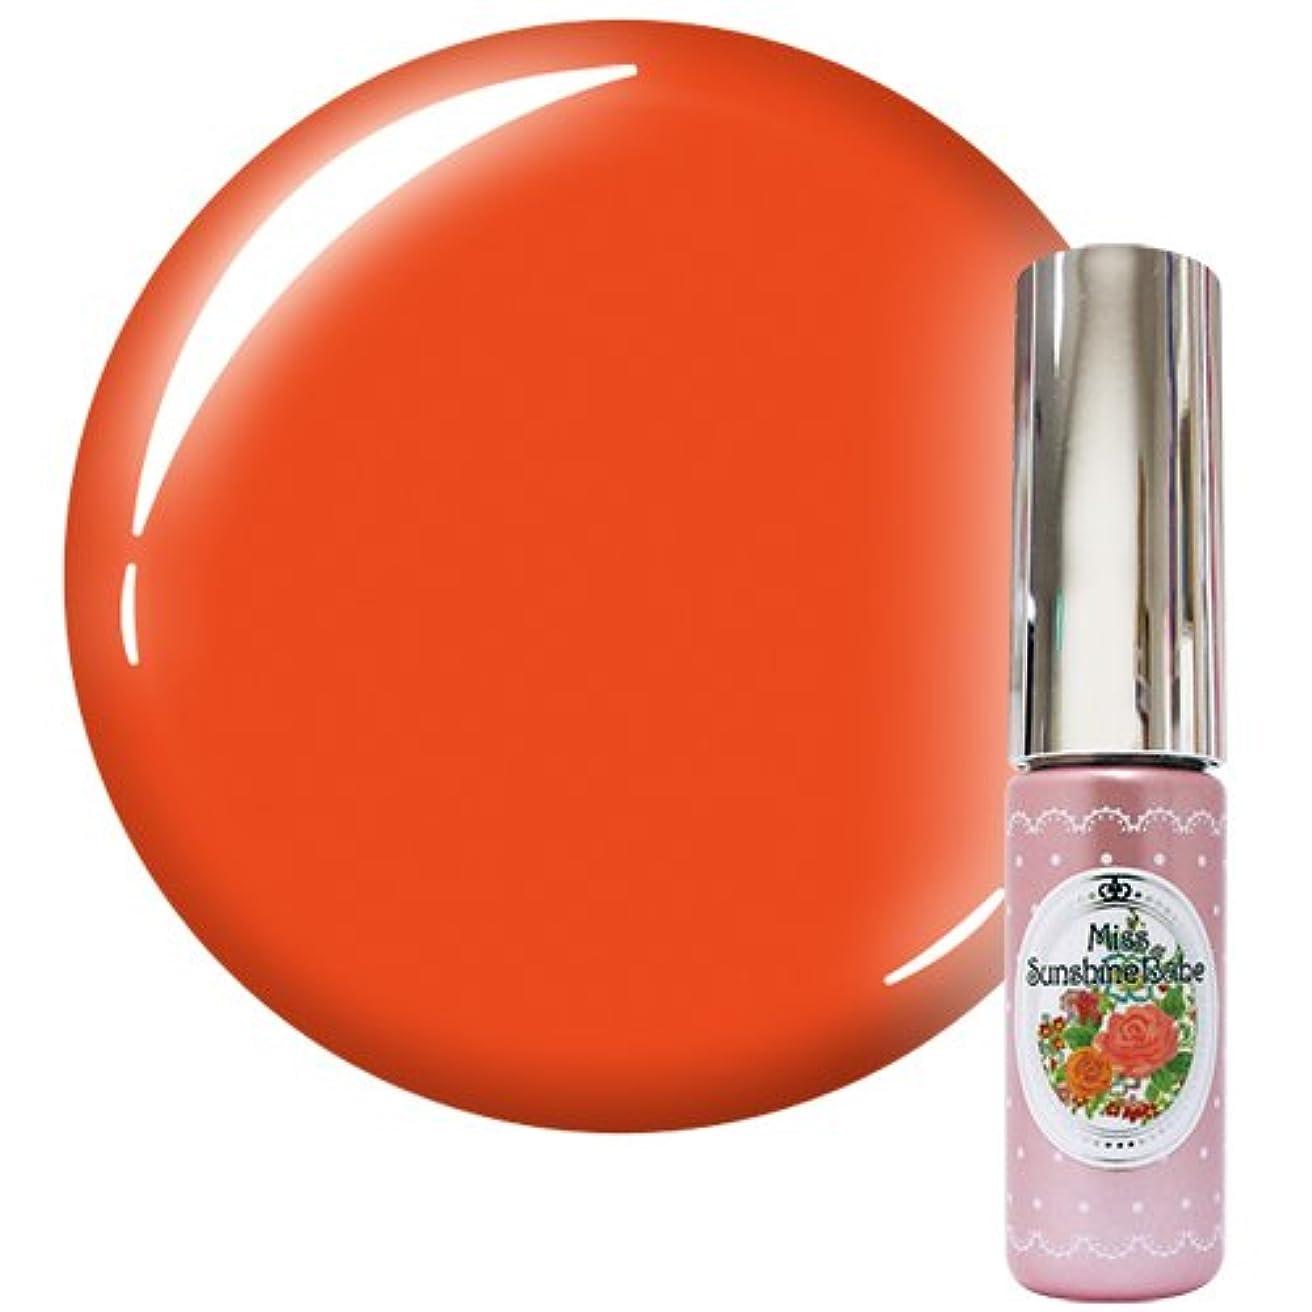 無意味事実圧倒的Miss SunshineBabe ミス サンシャインベビー カラージェル MC-70 5g パンプキンオレンジ